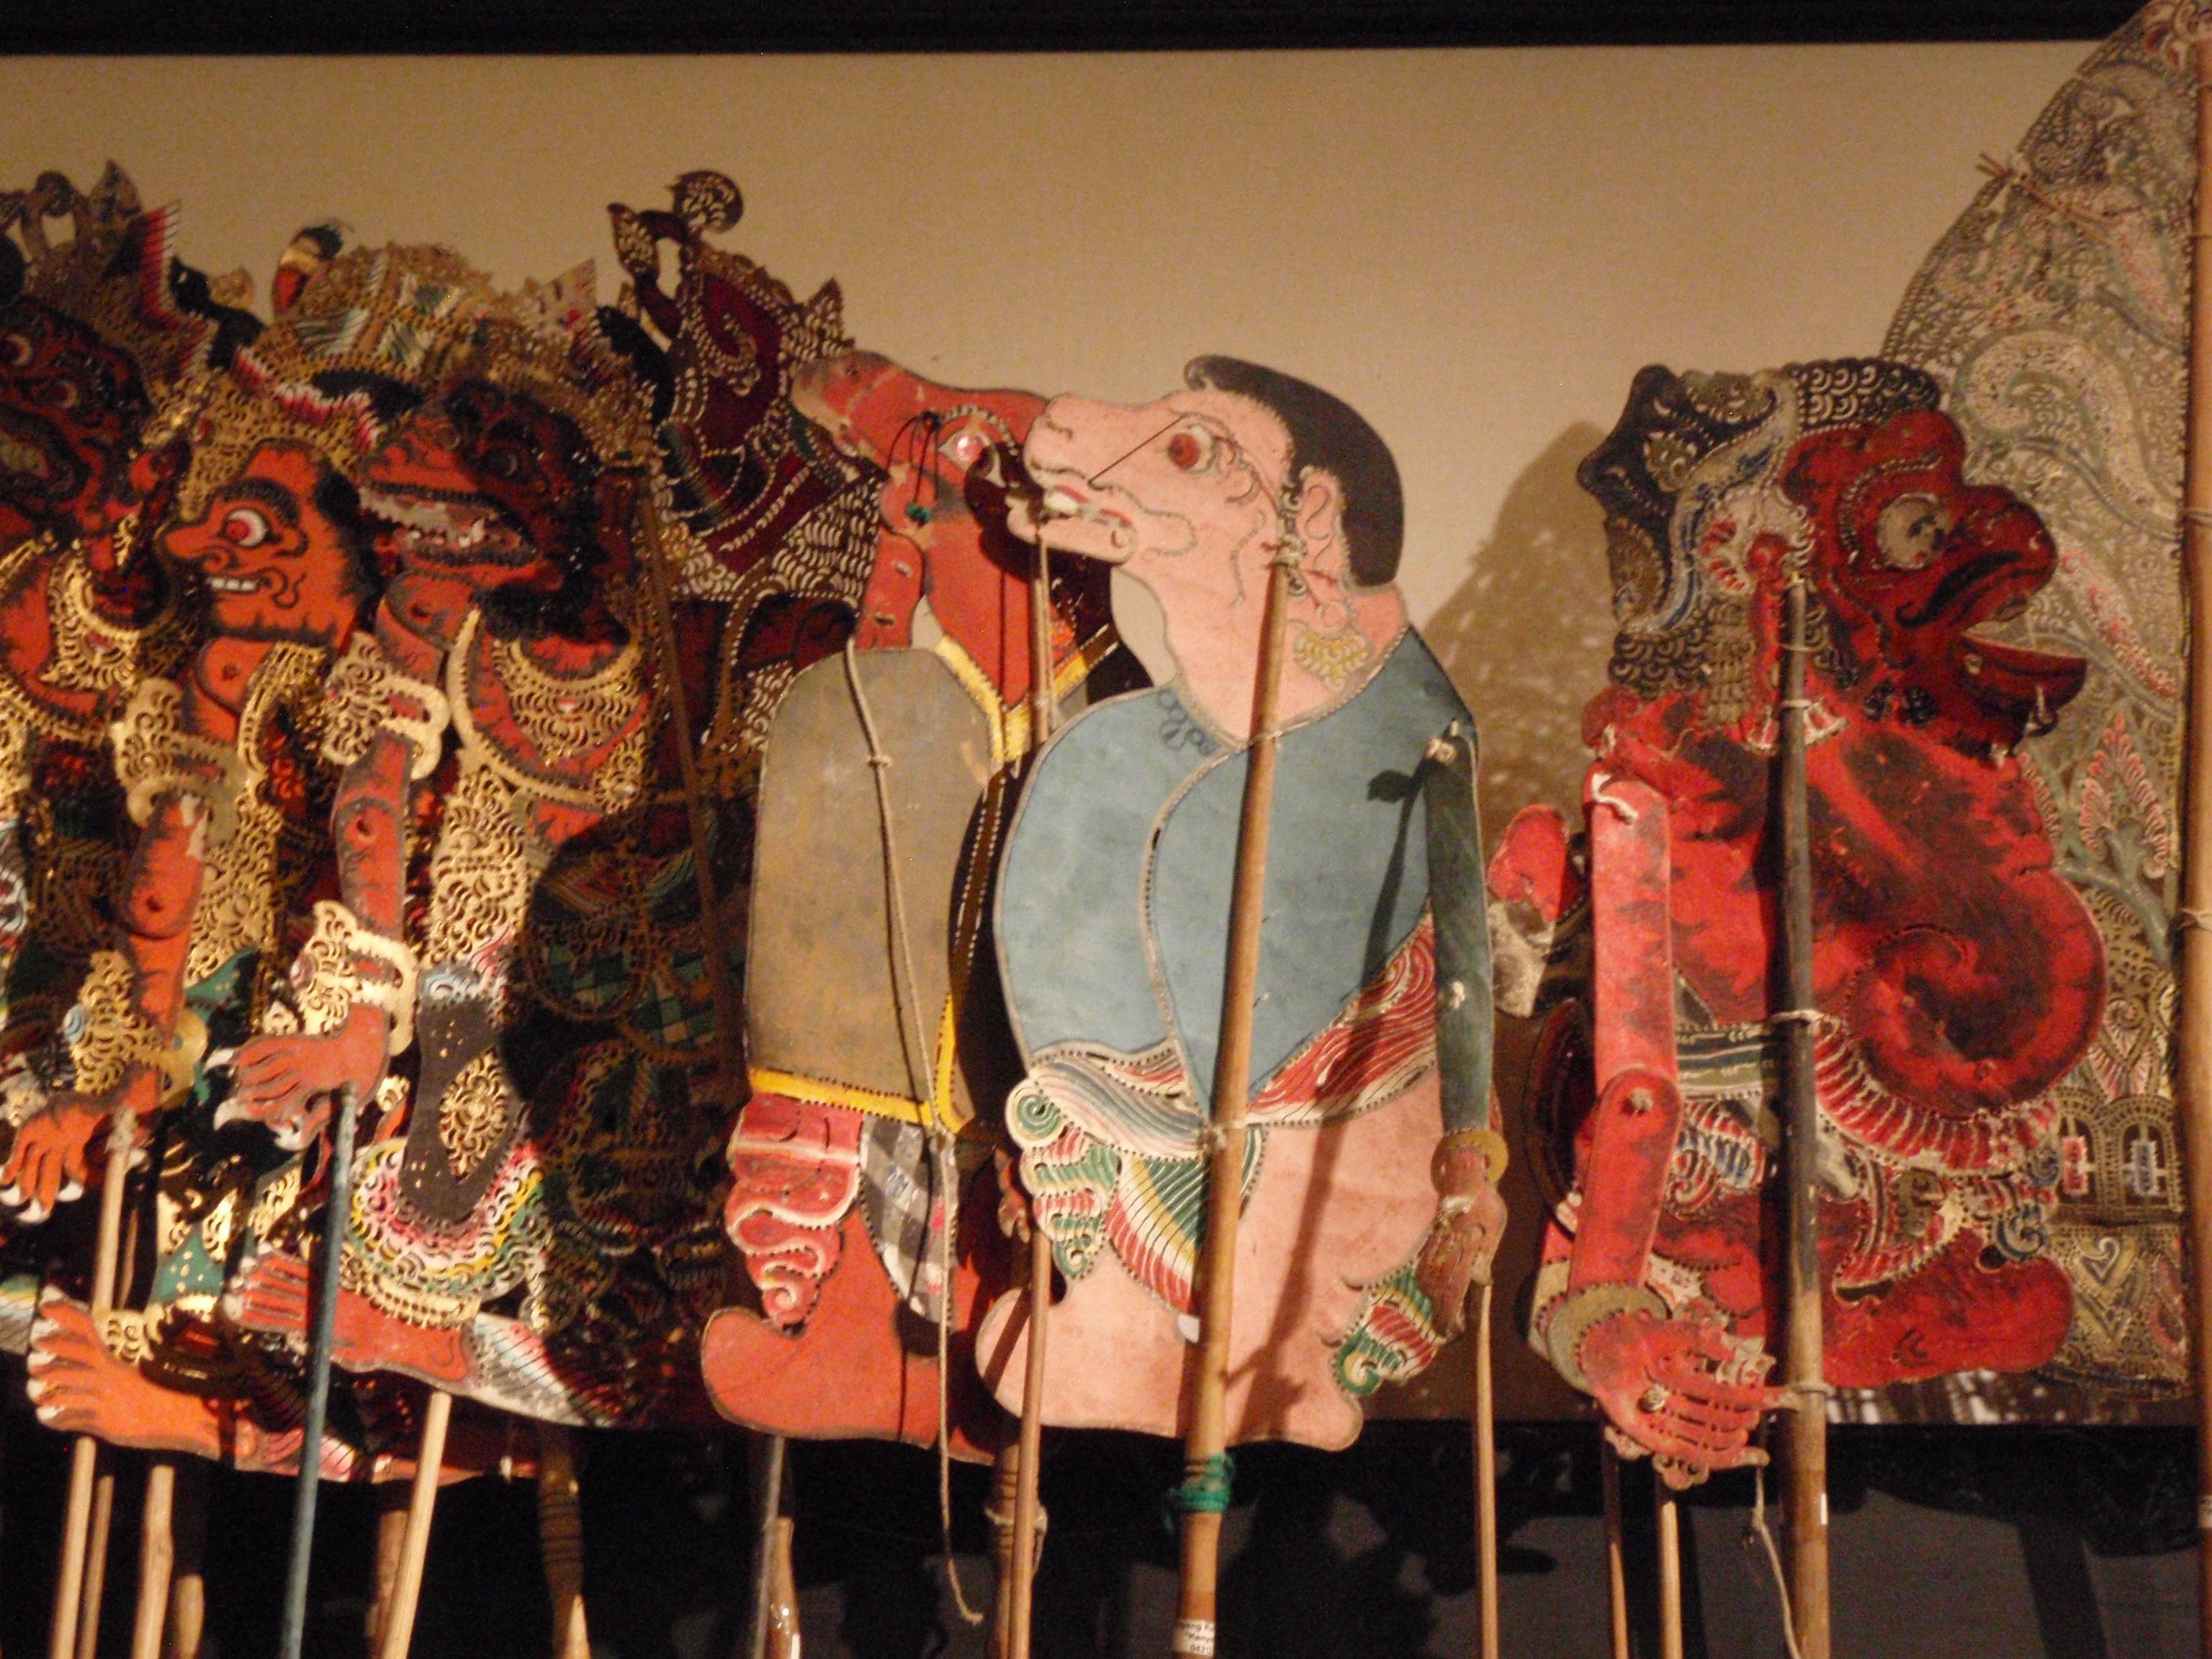 Wayang <em>kulit</em> Ramayana (Bali), créateur de wayang : Jro Dalang Diah Naga (Naga Sepaha, Singaraja, Bali). Collection : Setia Darma House of Masks and Puppets, Gianyar, Bali, Indonésie.